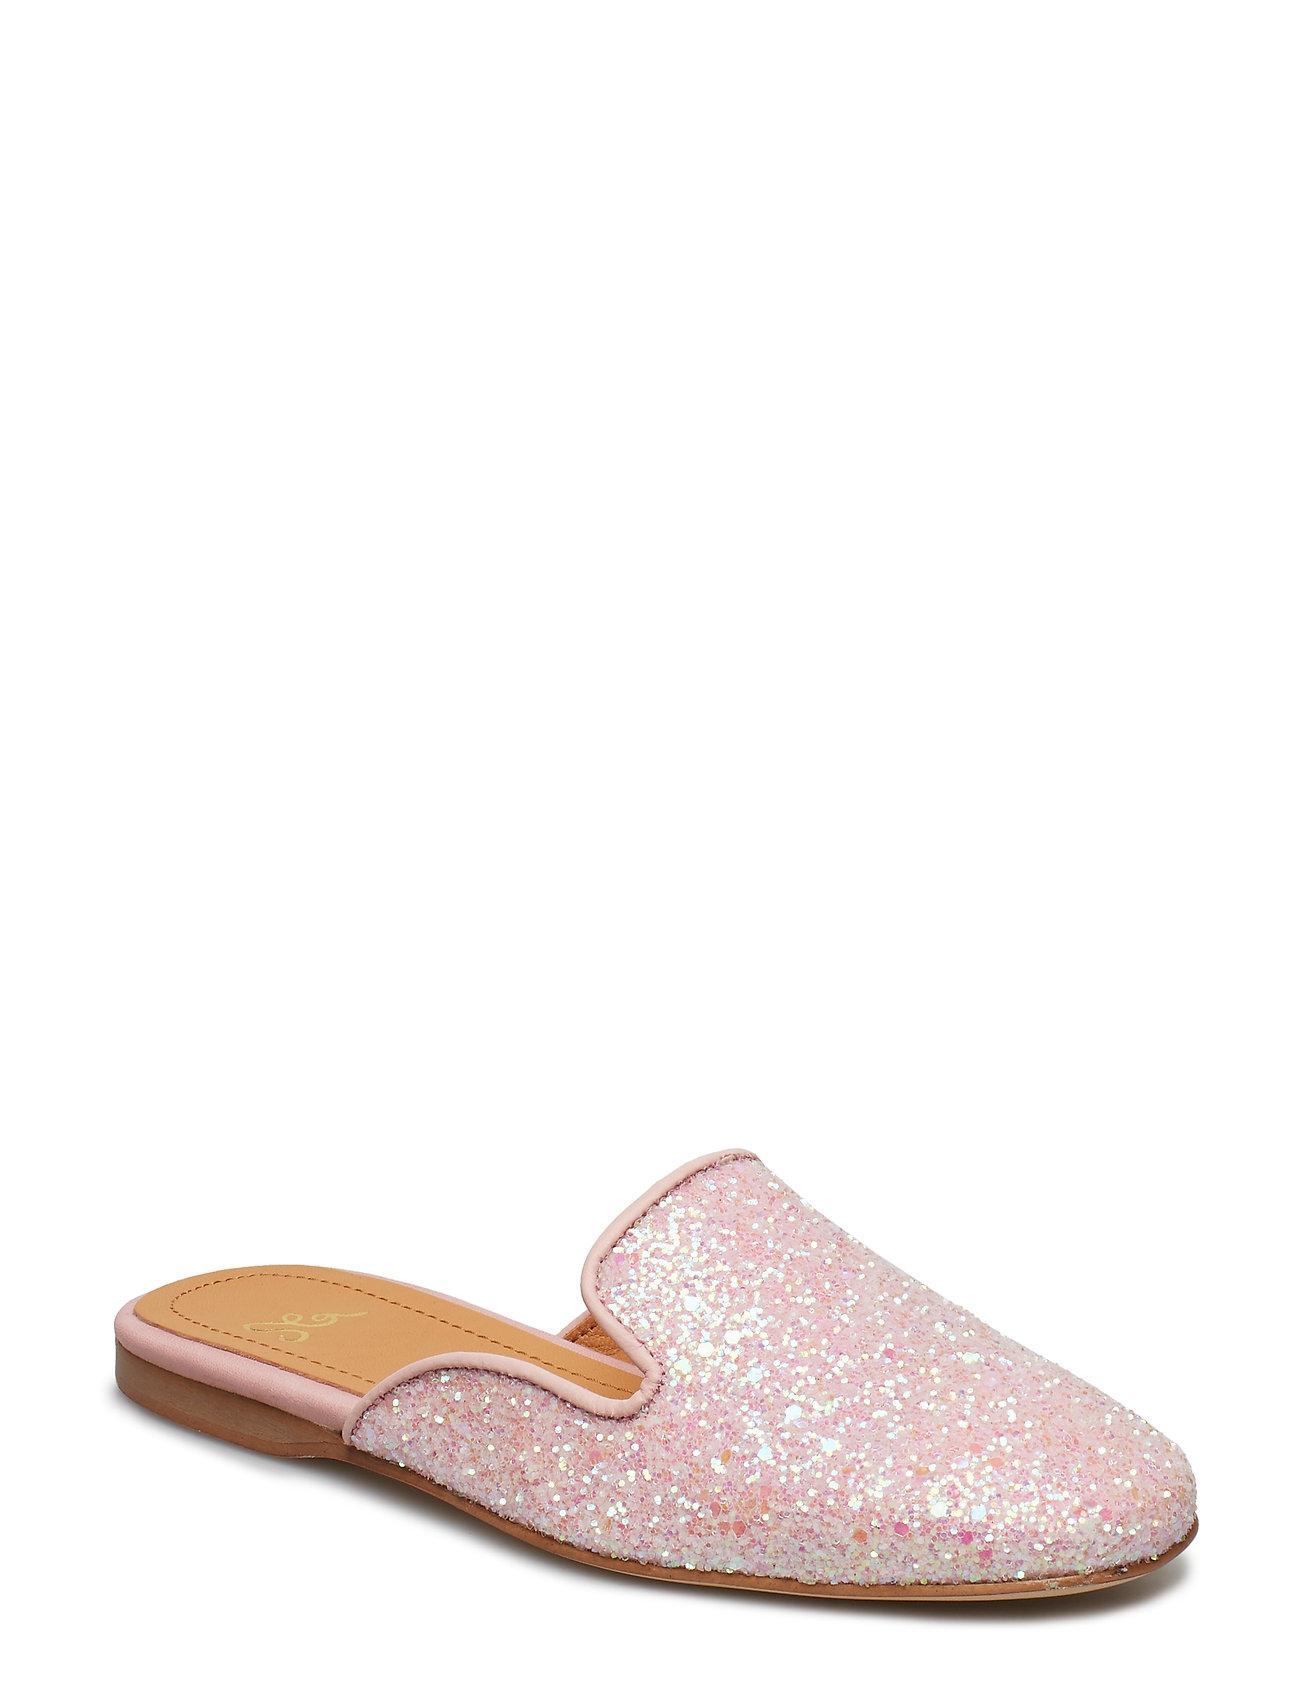 STINE GOYA Scarlett, 540 Mix Glitter Shoes - SORBET